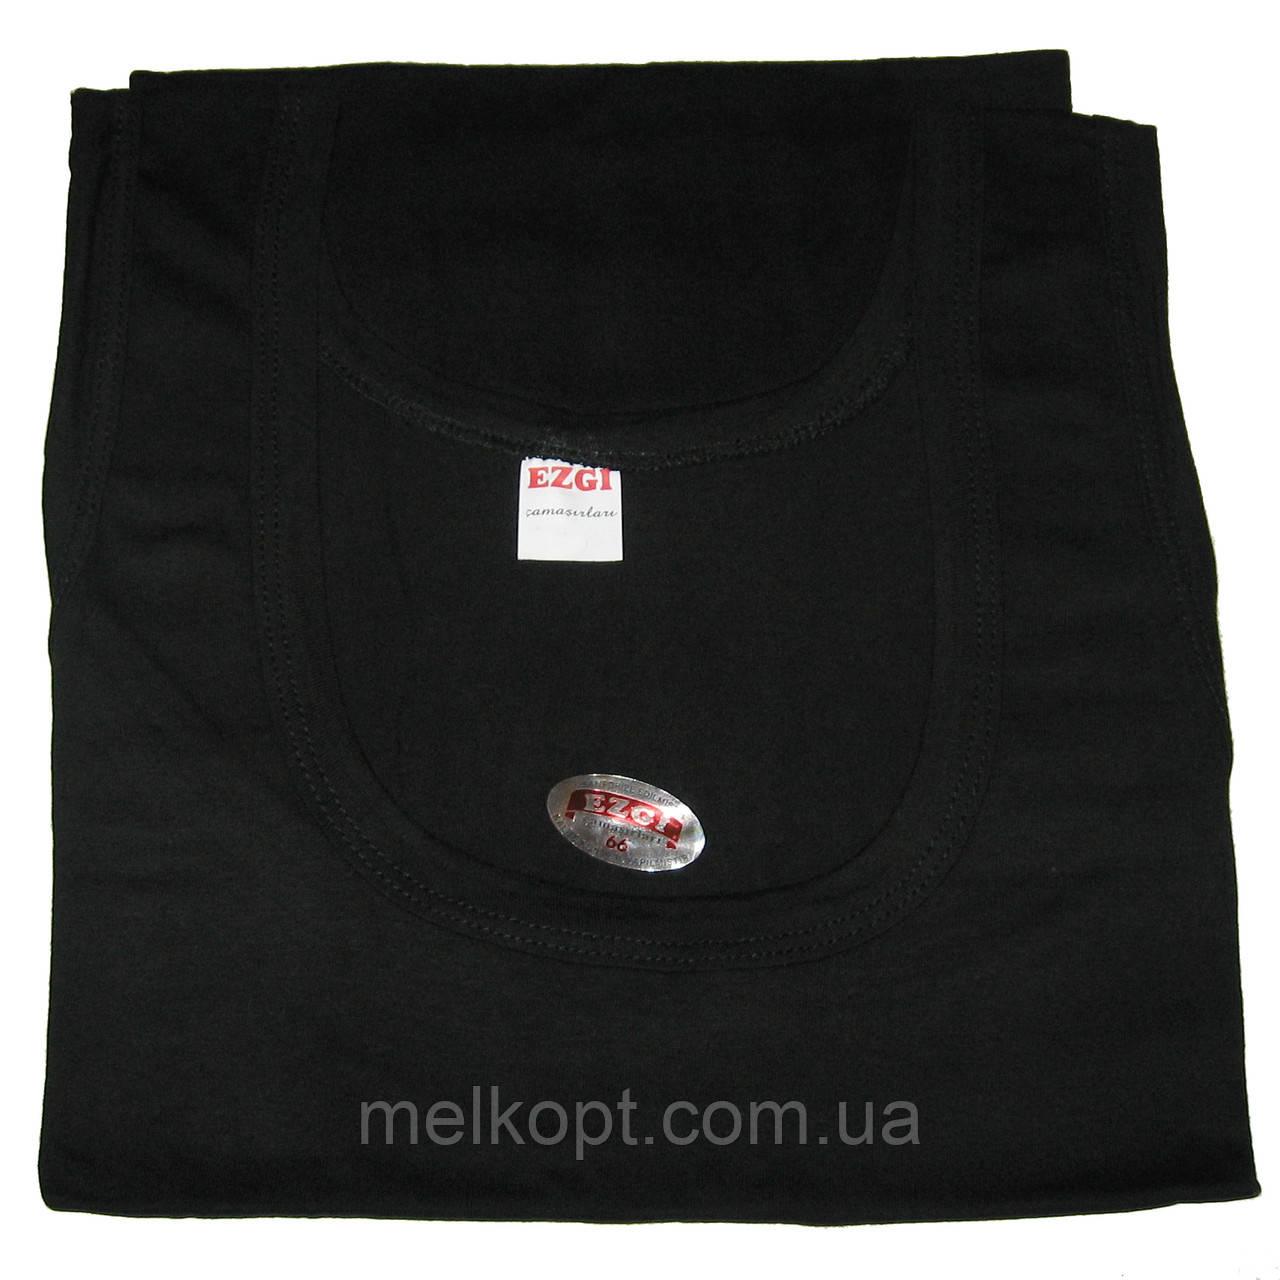 Мужские майки Ezgi - 43,00 грн./шт. (56-й размер, черные)